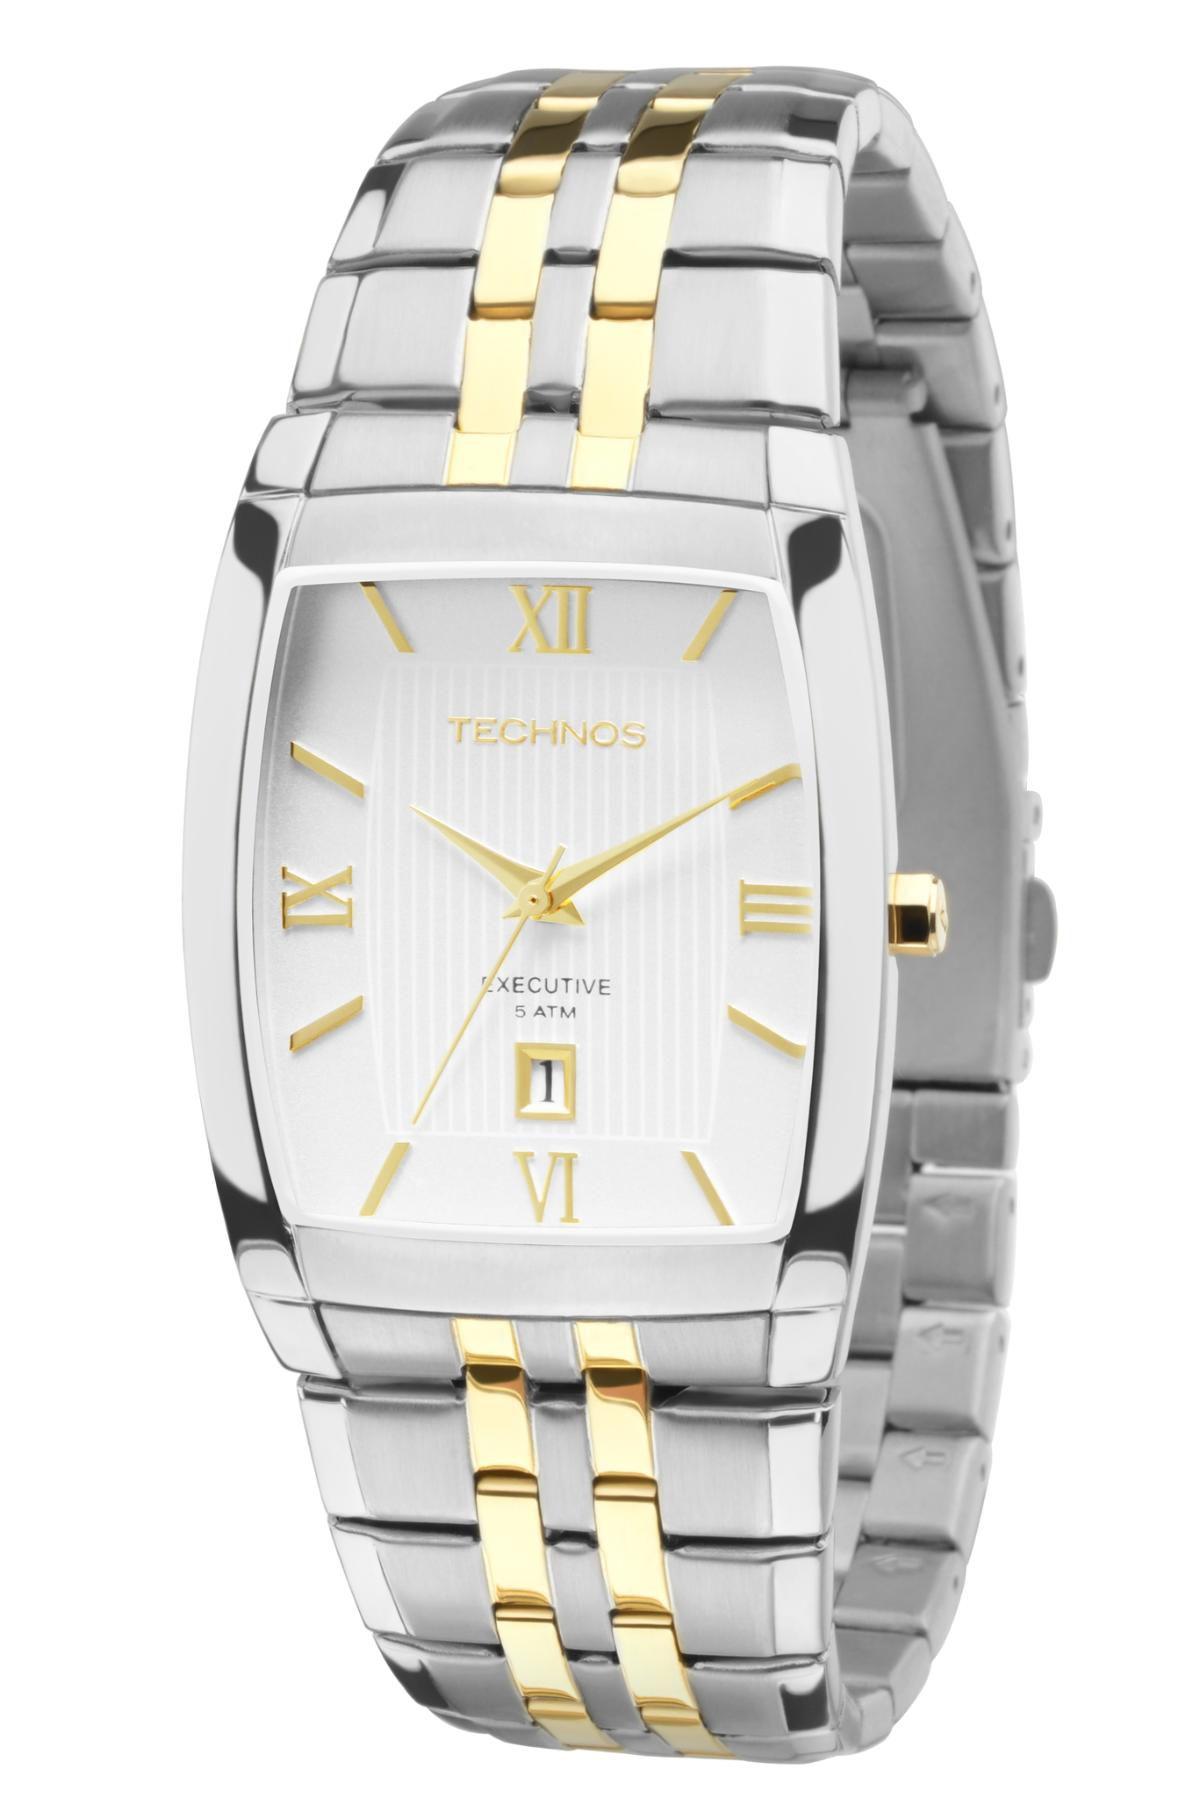 Relógio Unissex Technos Executive 1N12MQ/5B 32mm Aço Bicolor Prata com Dourado